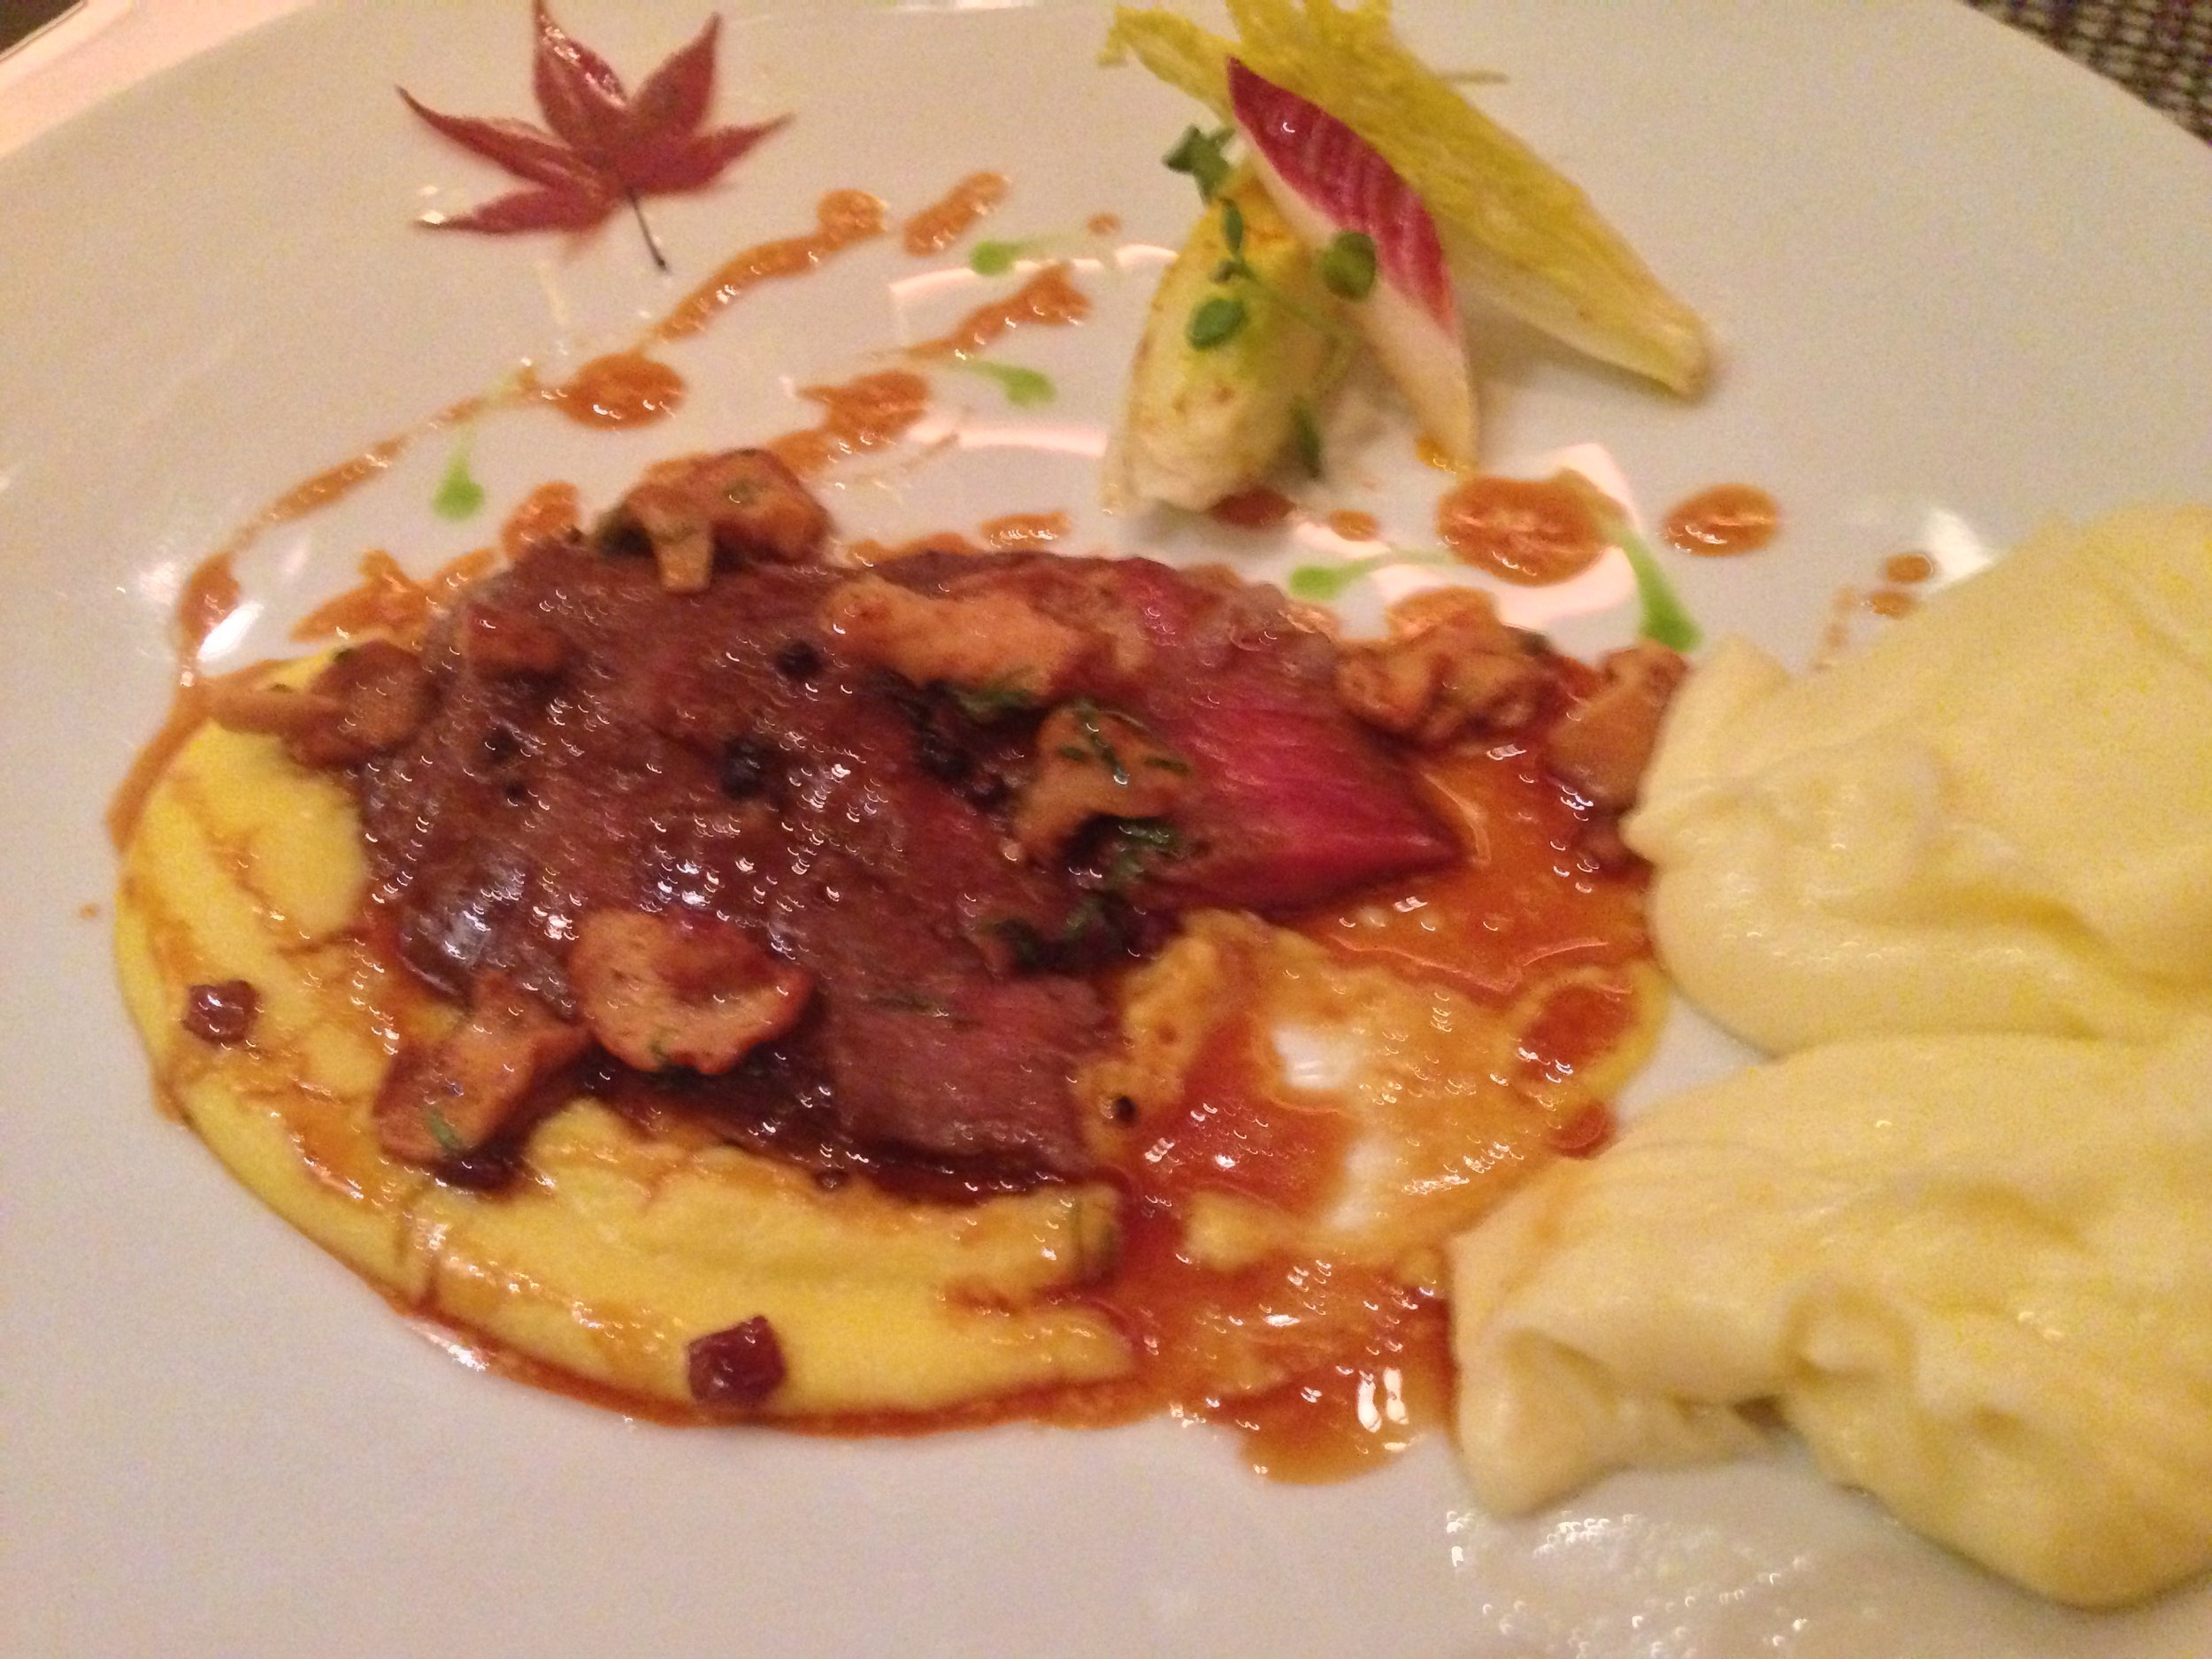 Caramelized Iberico ham, polenta, Belgian endive, mashed potatoes, Joel Robuchon. Photo by Rosemary Nickel, Motivating Other Moms.